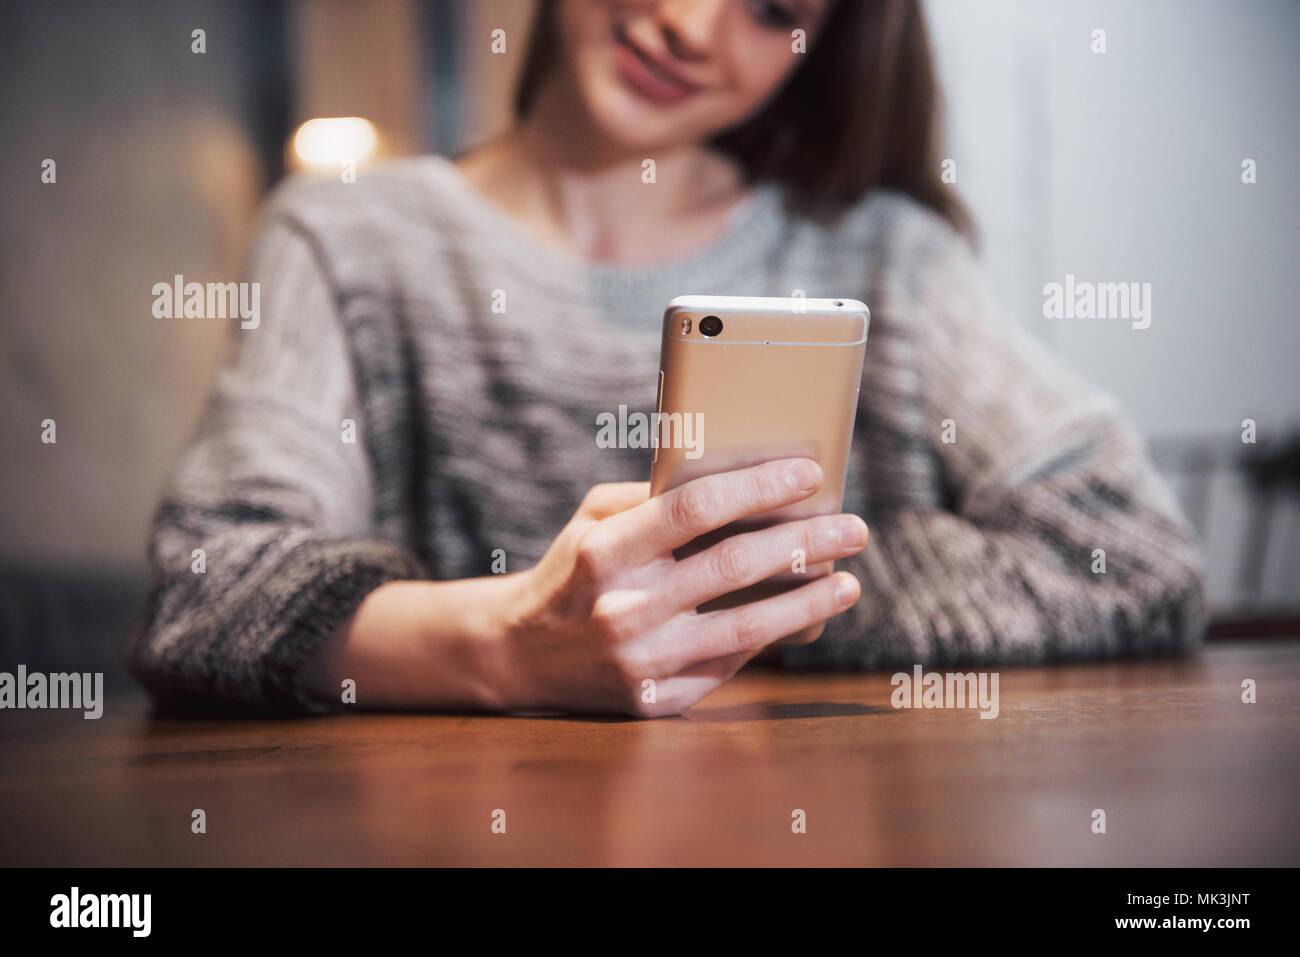 Une jolie fille avec de longs cheveux noirs s'interroge sur un nouveau projet durant une pause-café assis à une table dans un café Photo Stock